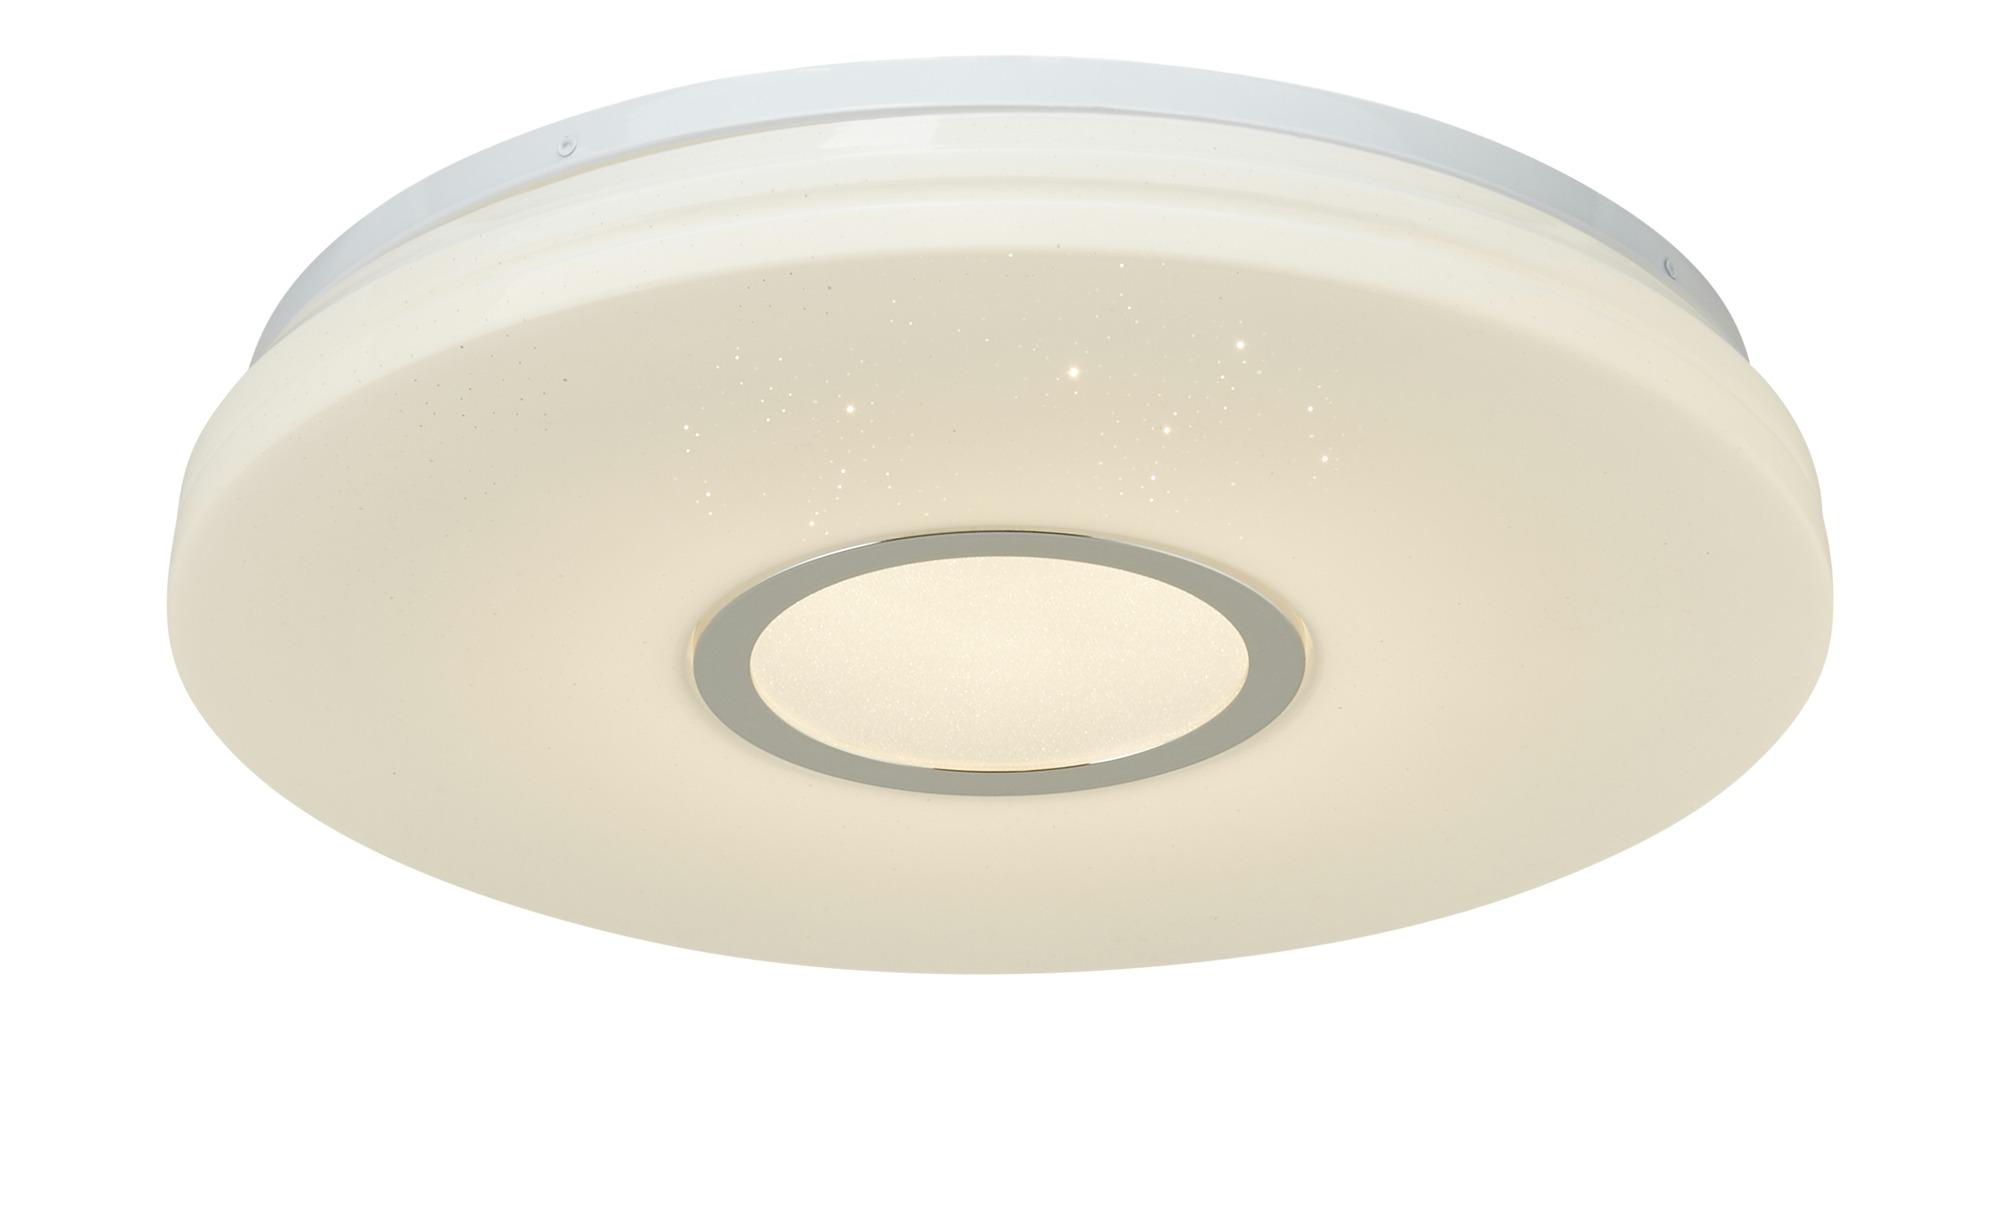 KHG LED-Deckenleuchte mit Sternenhimmeleffekt ¦ weiß ¦ Maße (cm): H: 7,5 Ø: 41.5 Lampen & Leuchten > Innenleuchten > Deckenleuchten - Höffner